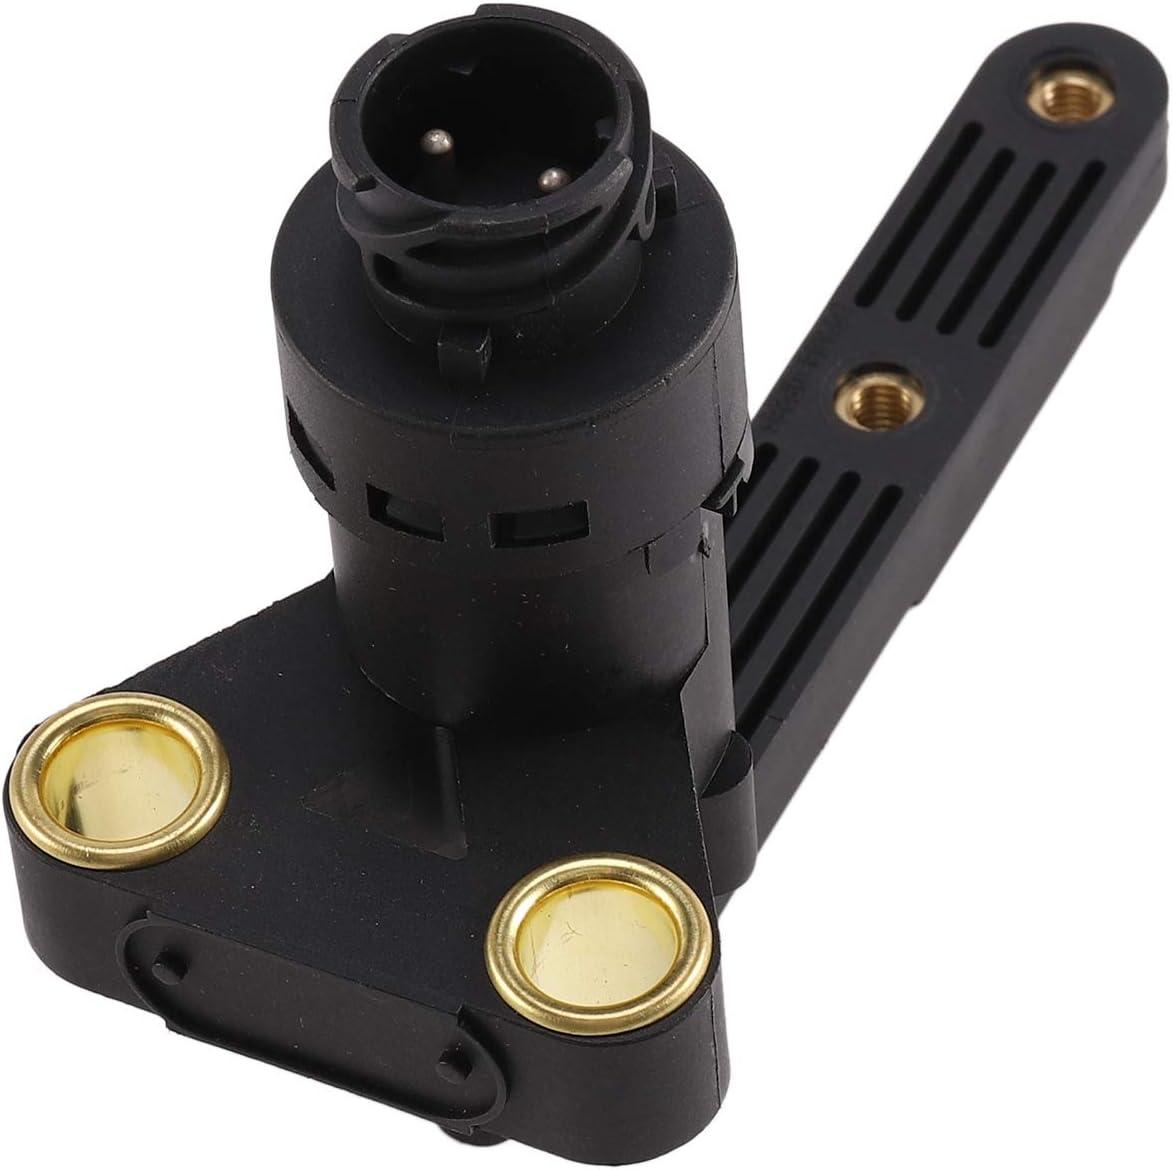 Semoic Capteur de hauteur de voiture en ABS durable Capteur de niveau de phare pour camion DAF 4410501000 5010422344 1365935 1934584 OE-RE213 Noir